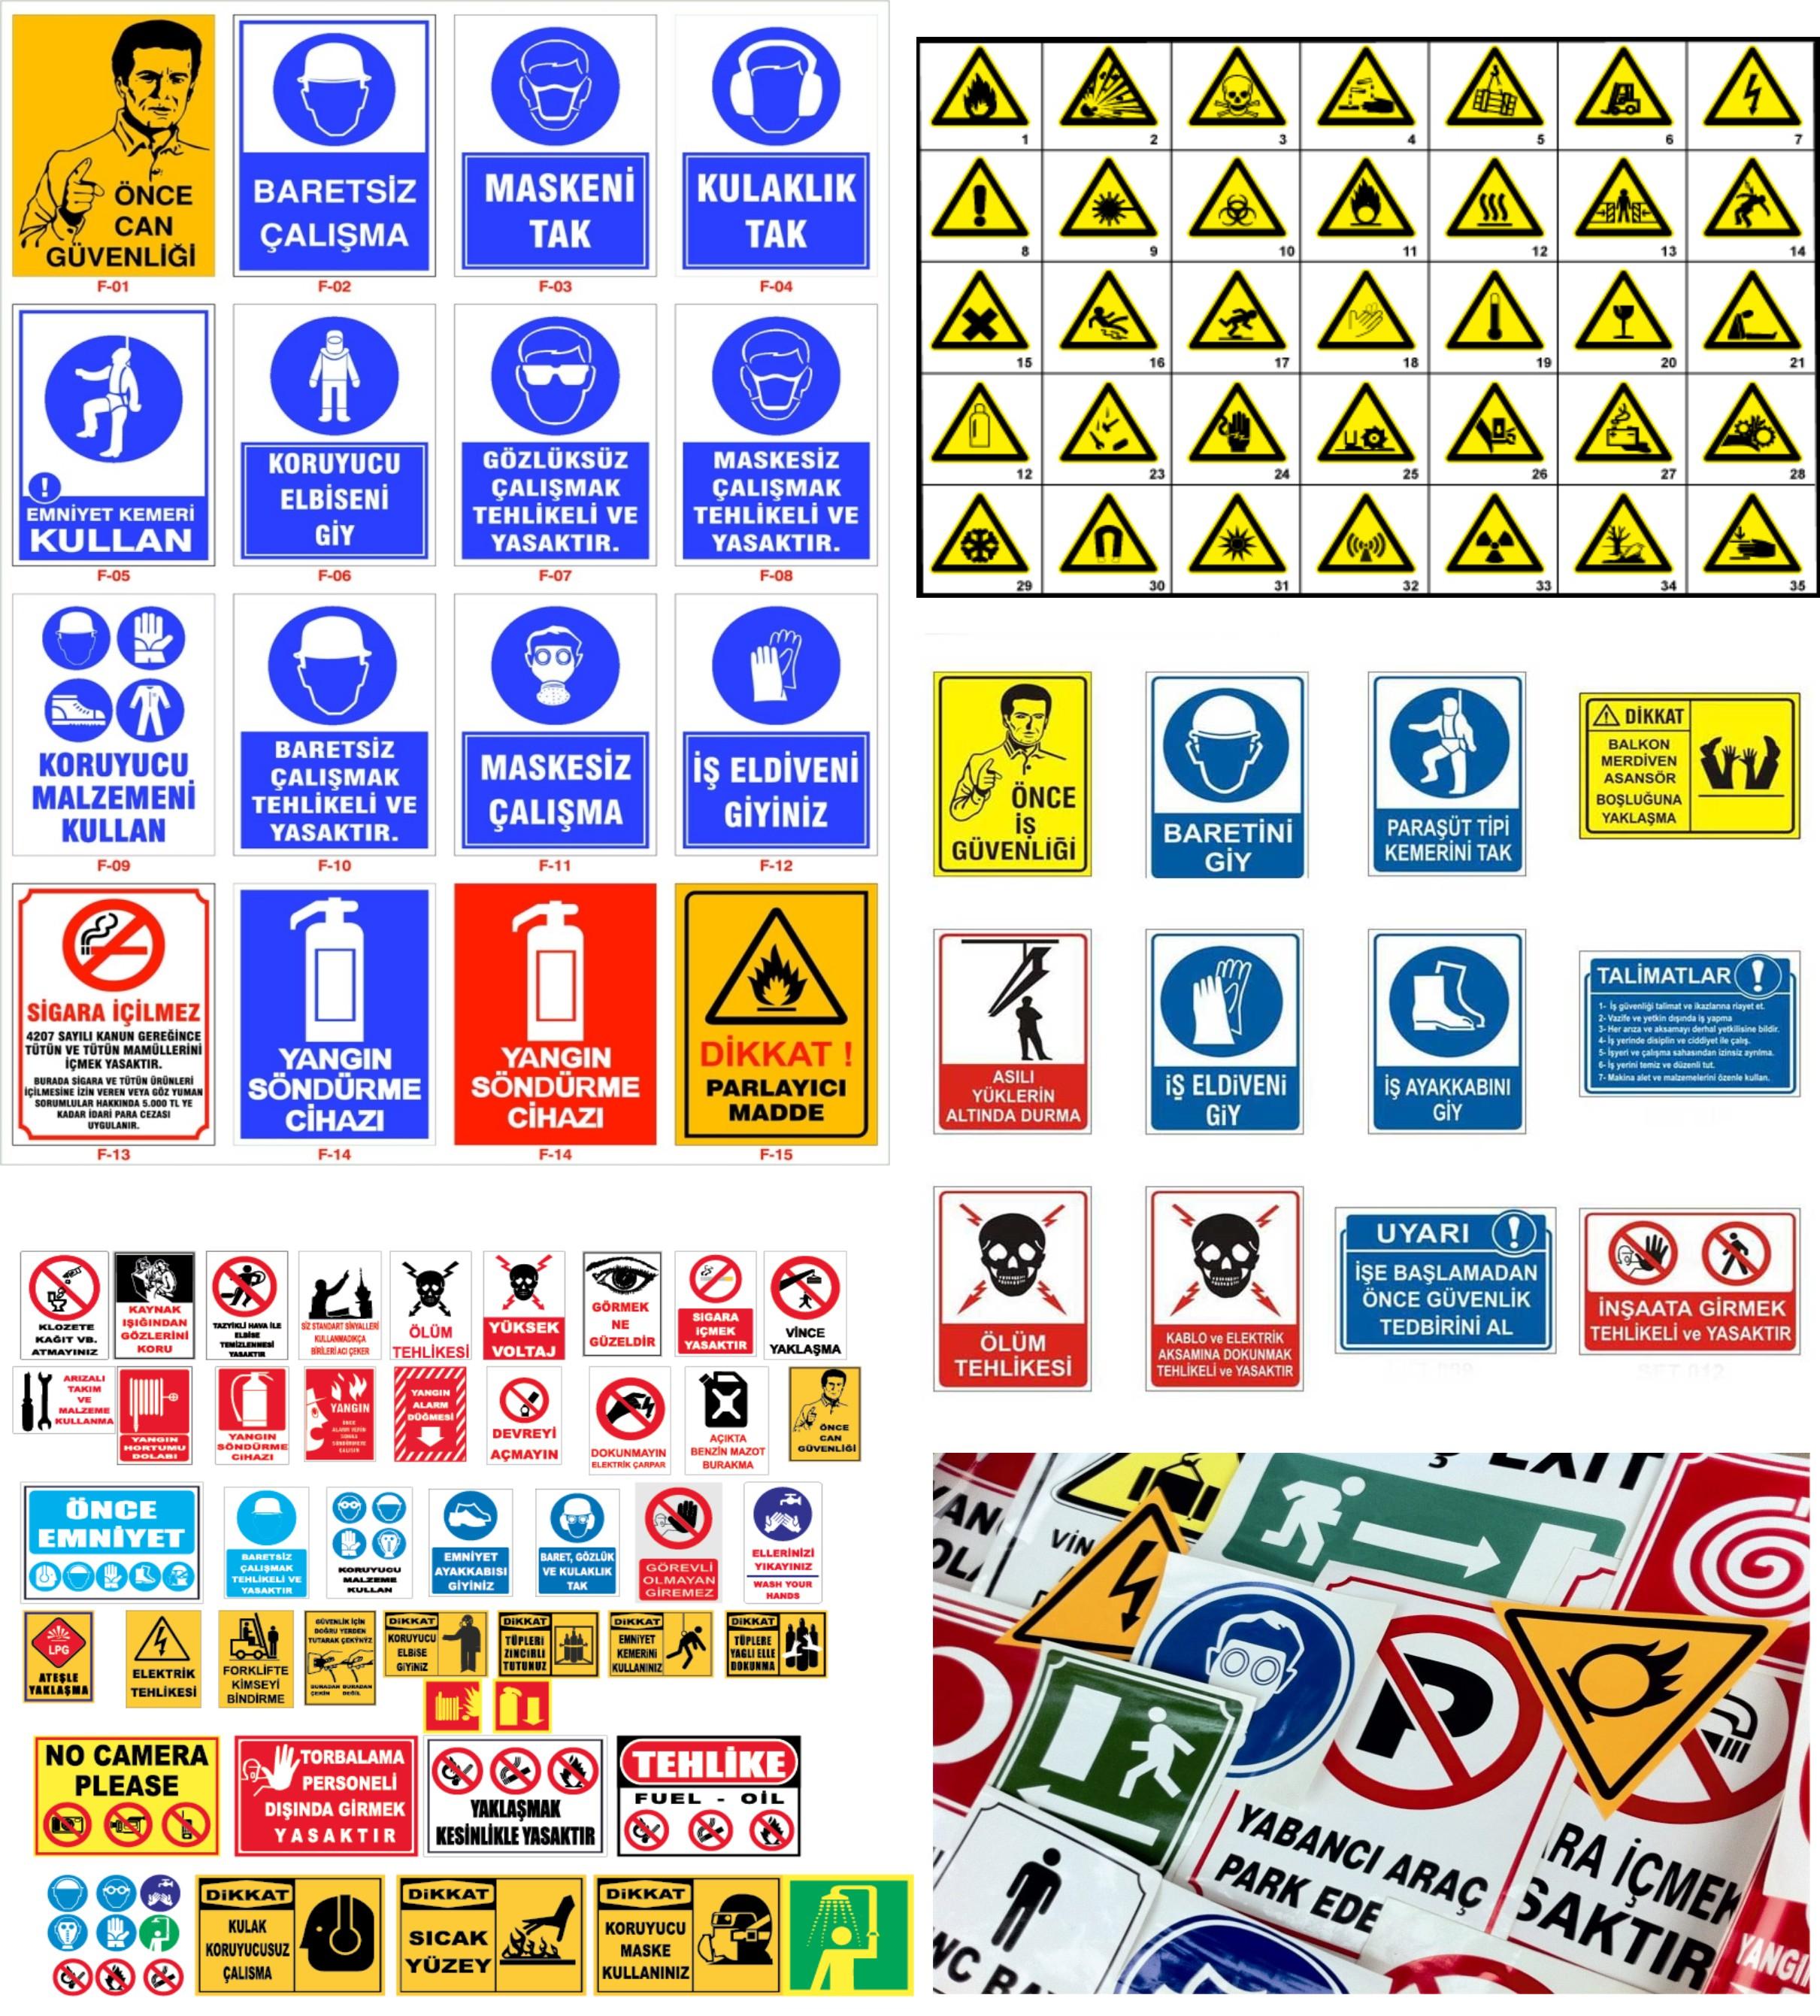 Asansör Etiketleri,beyaz Eşya Etiketi,çelik Kapı Etiketi,damla Etiket,damla Etiket Imlatçıları,etiket,konya Damla Etiket ImalatçılarıX Medikal Makine Etiketleri,mobilya Etiketi,otomotiv Etiketi,promosyon Etiketleri,anahtarlık Etiketi,raf Etiketi,silikon Etiket,yapıştırma Etiket,makine Etiketi,